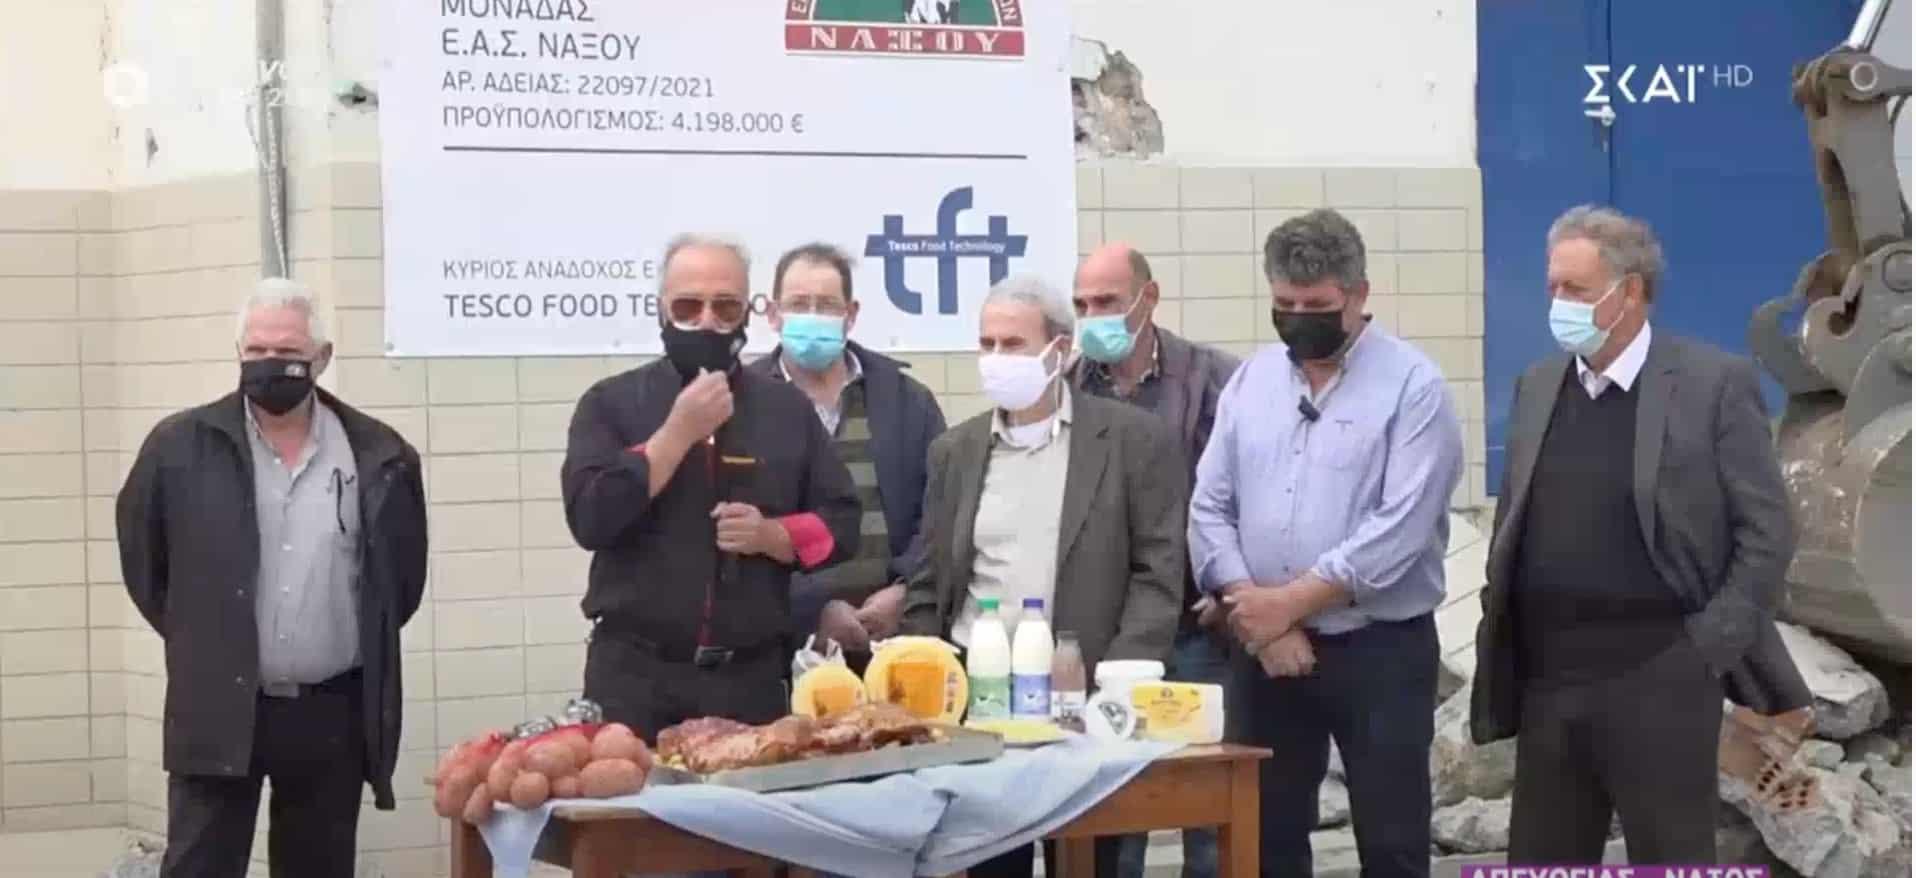 Ξεκίνησε το νέο τυροκομείο της Ε.Α.Σ. Νάξου - naxostimes.gr